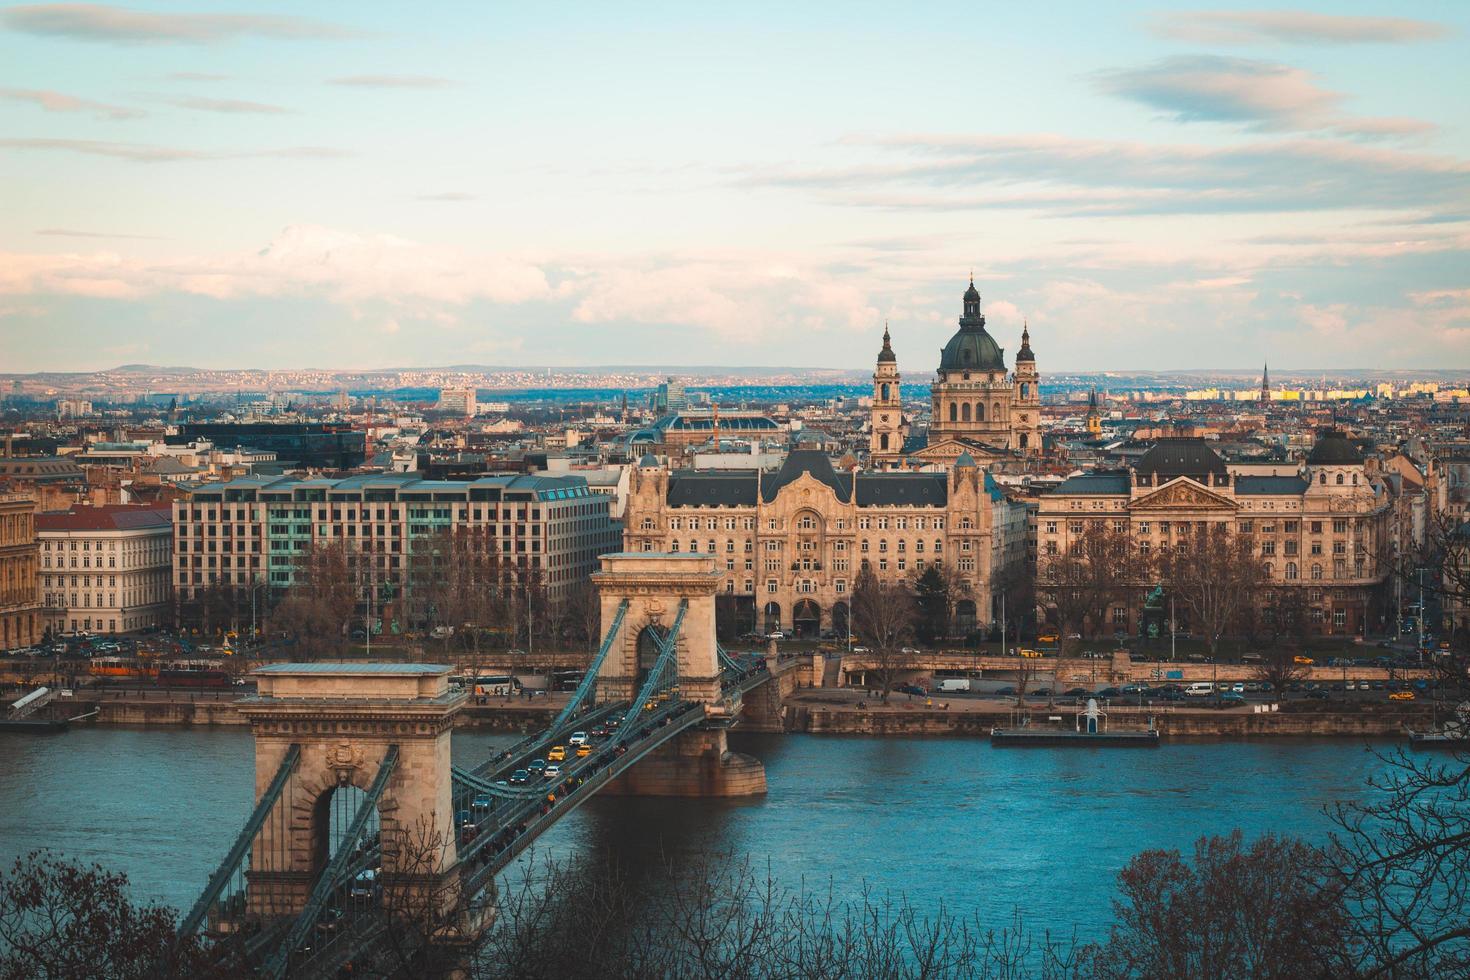 Pont en béton brun sur la rivière photo